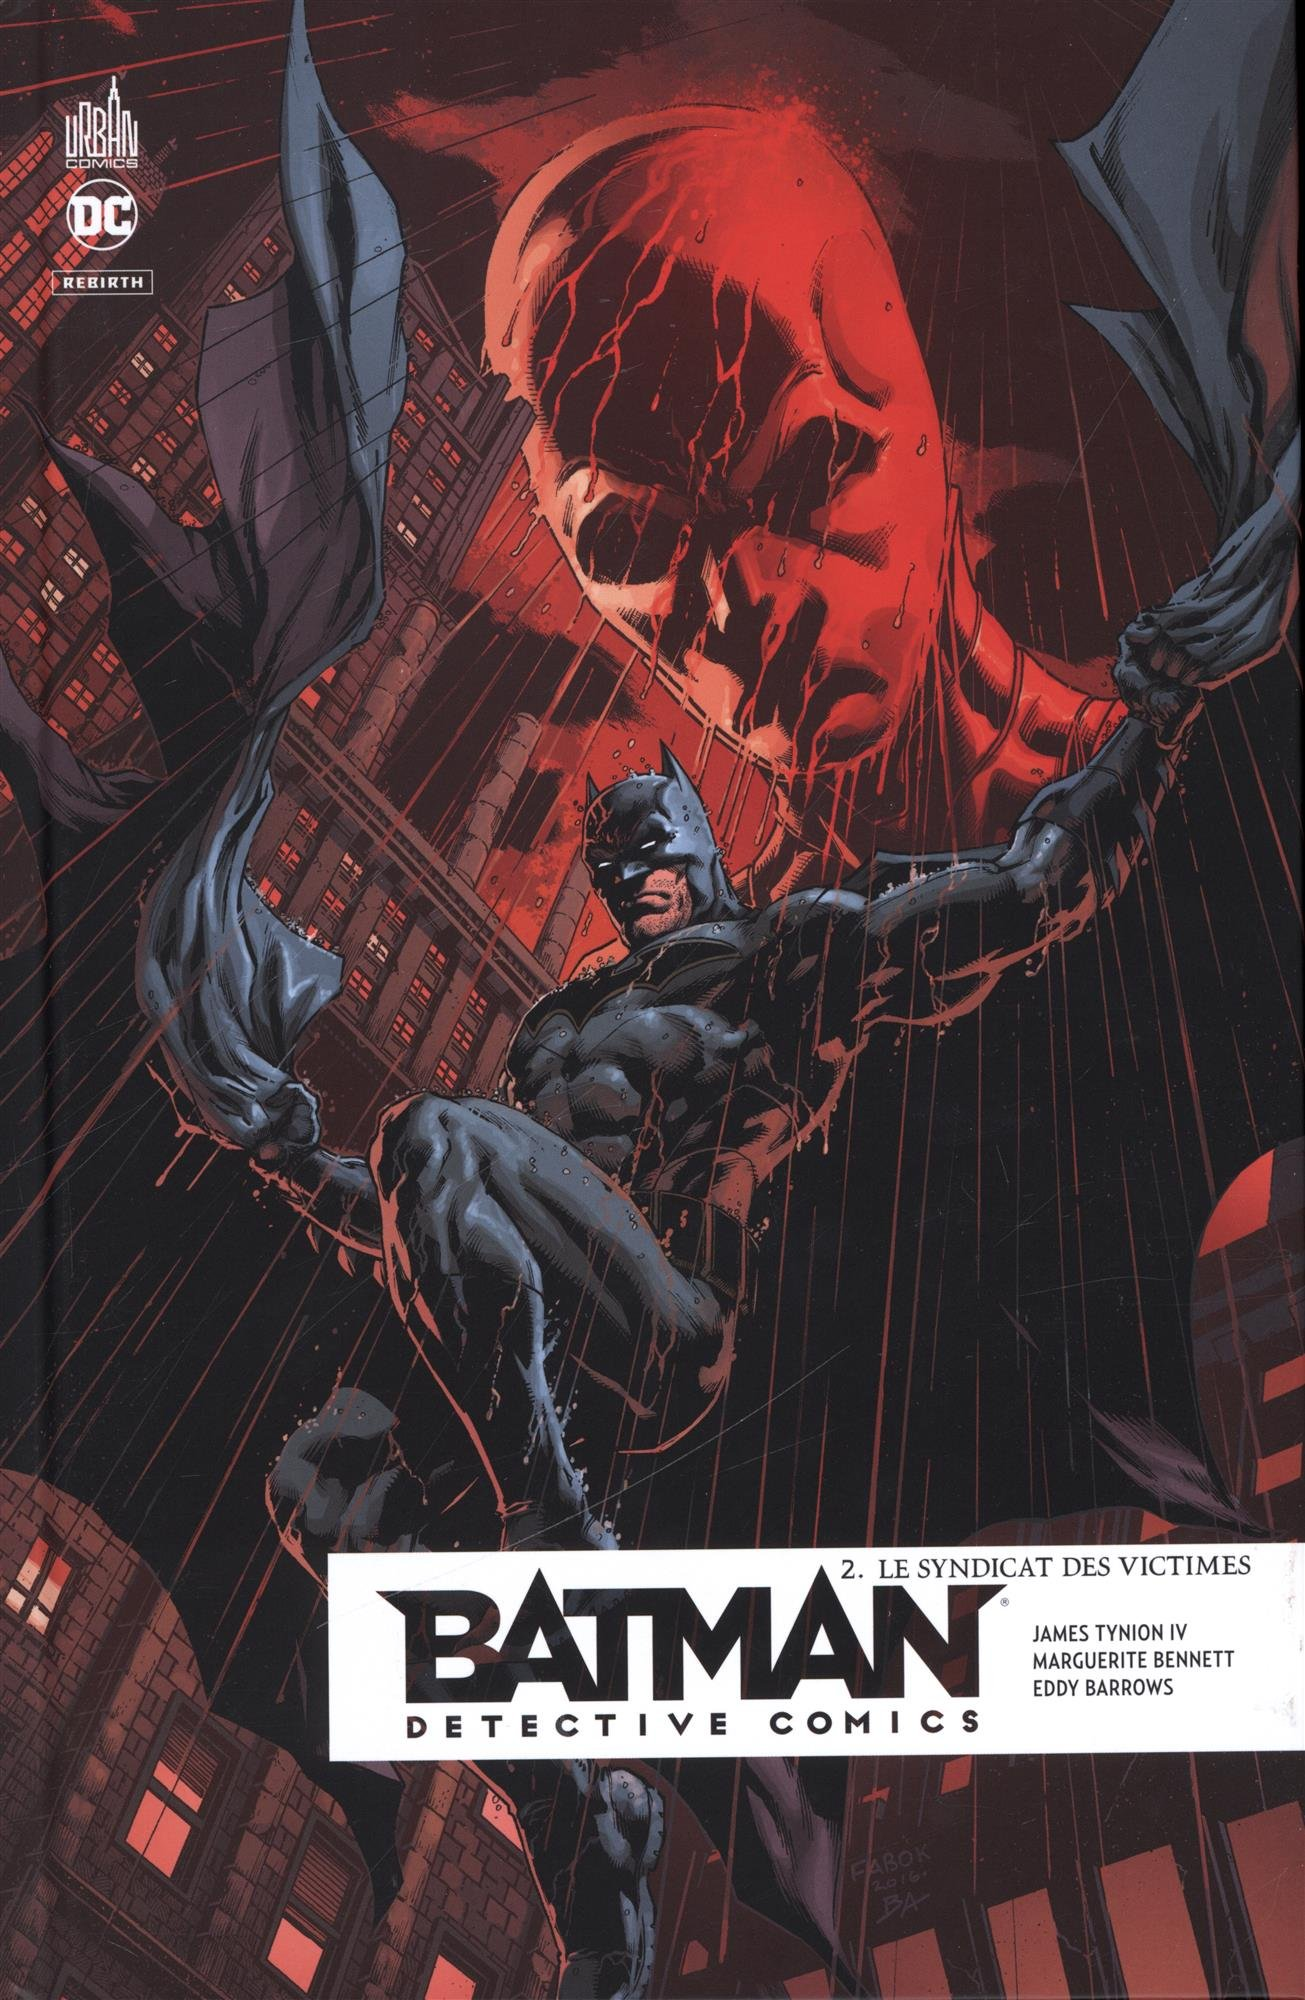 detective comics batman rebirth